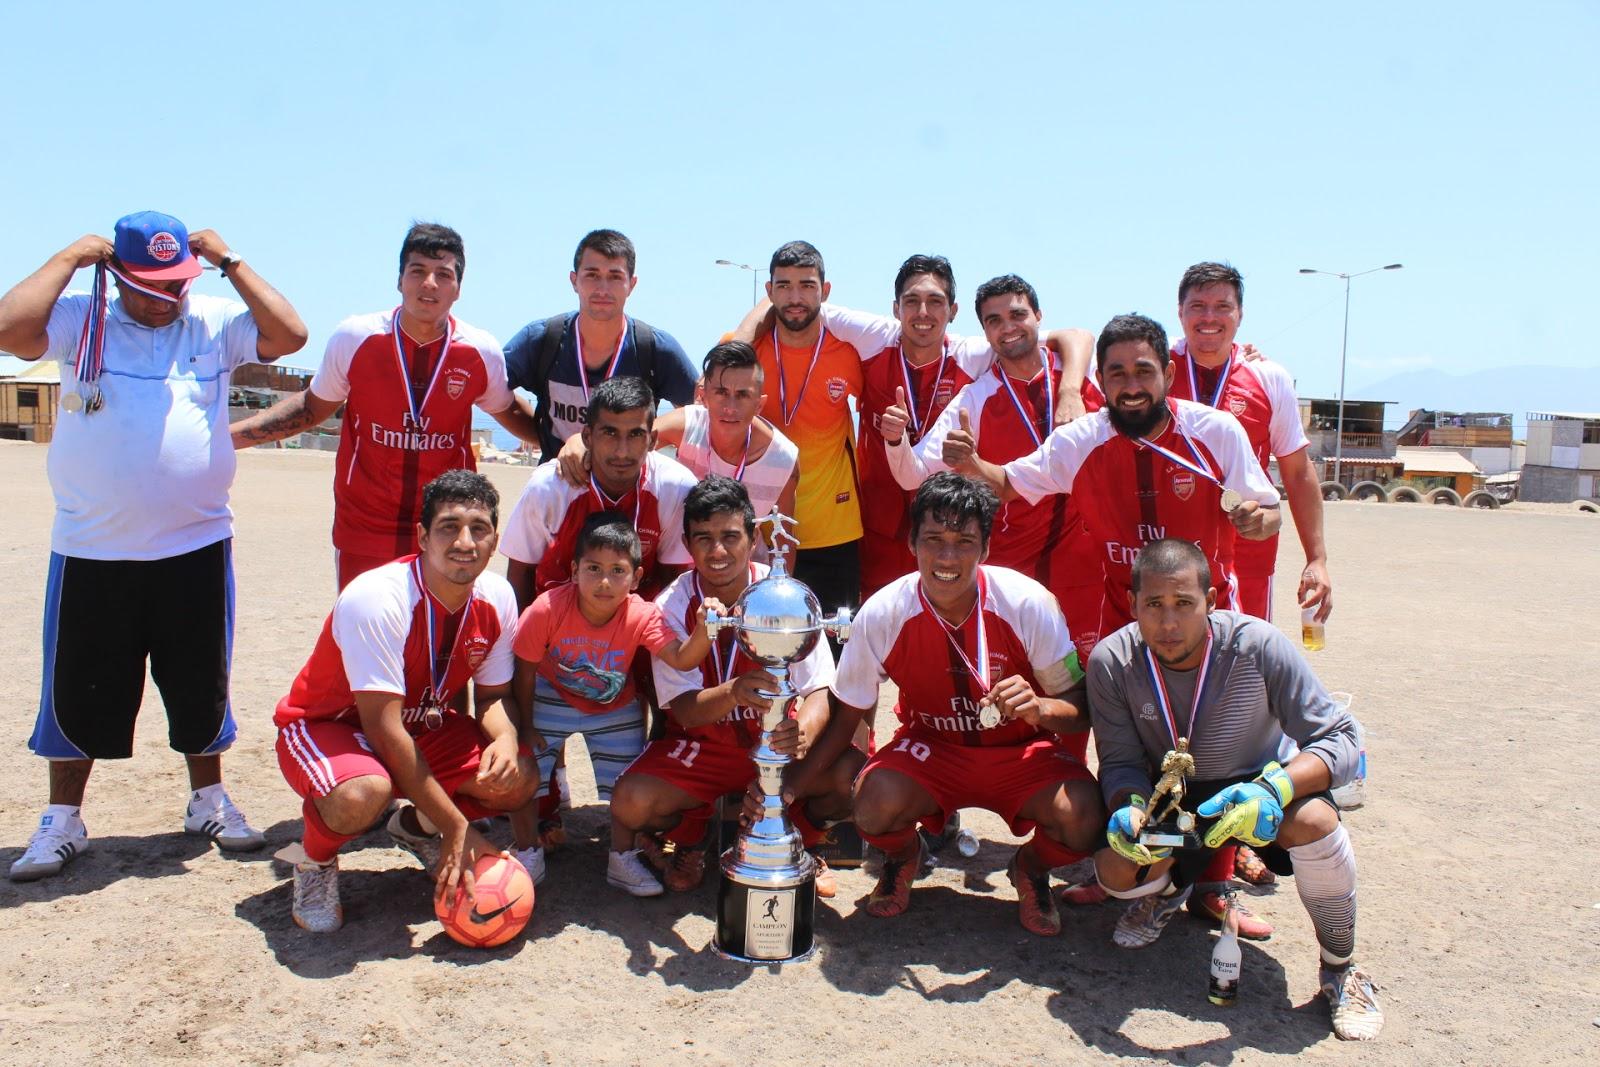 Liga de futbolito pedregal de antofagasta finales 2017 for Vivero antofagasta